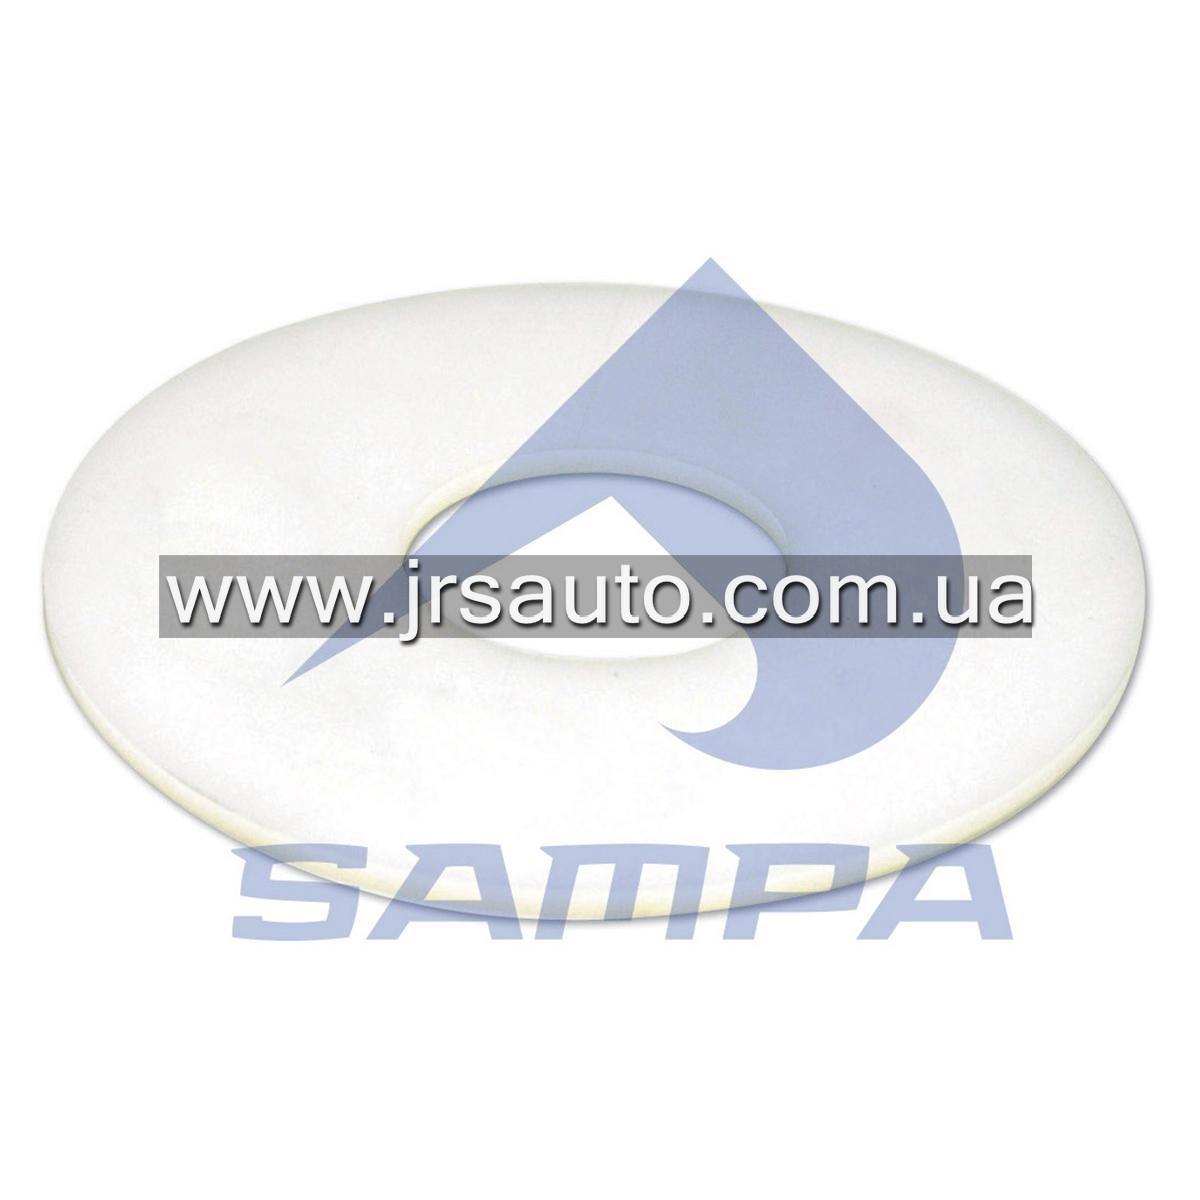 Шайба 170x60x5 упорная сайлентблока SAF \4331502901 \ 015.088